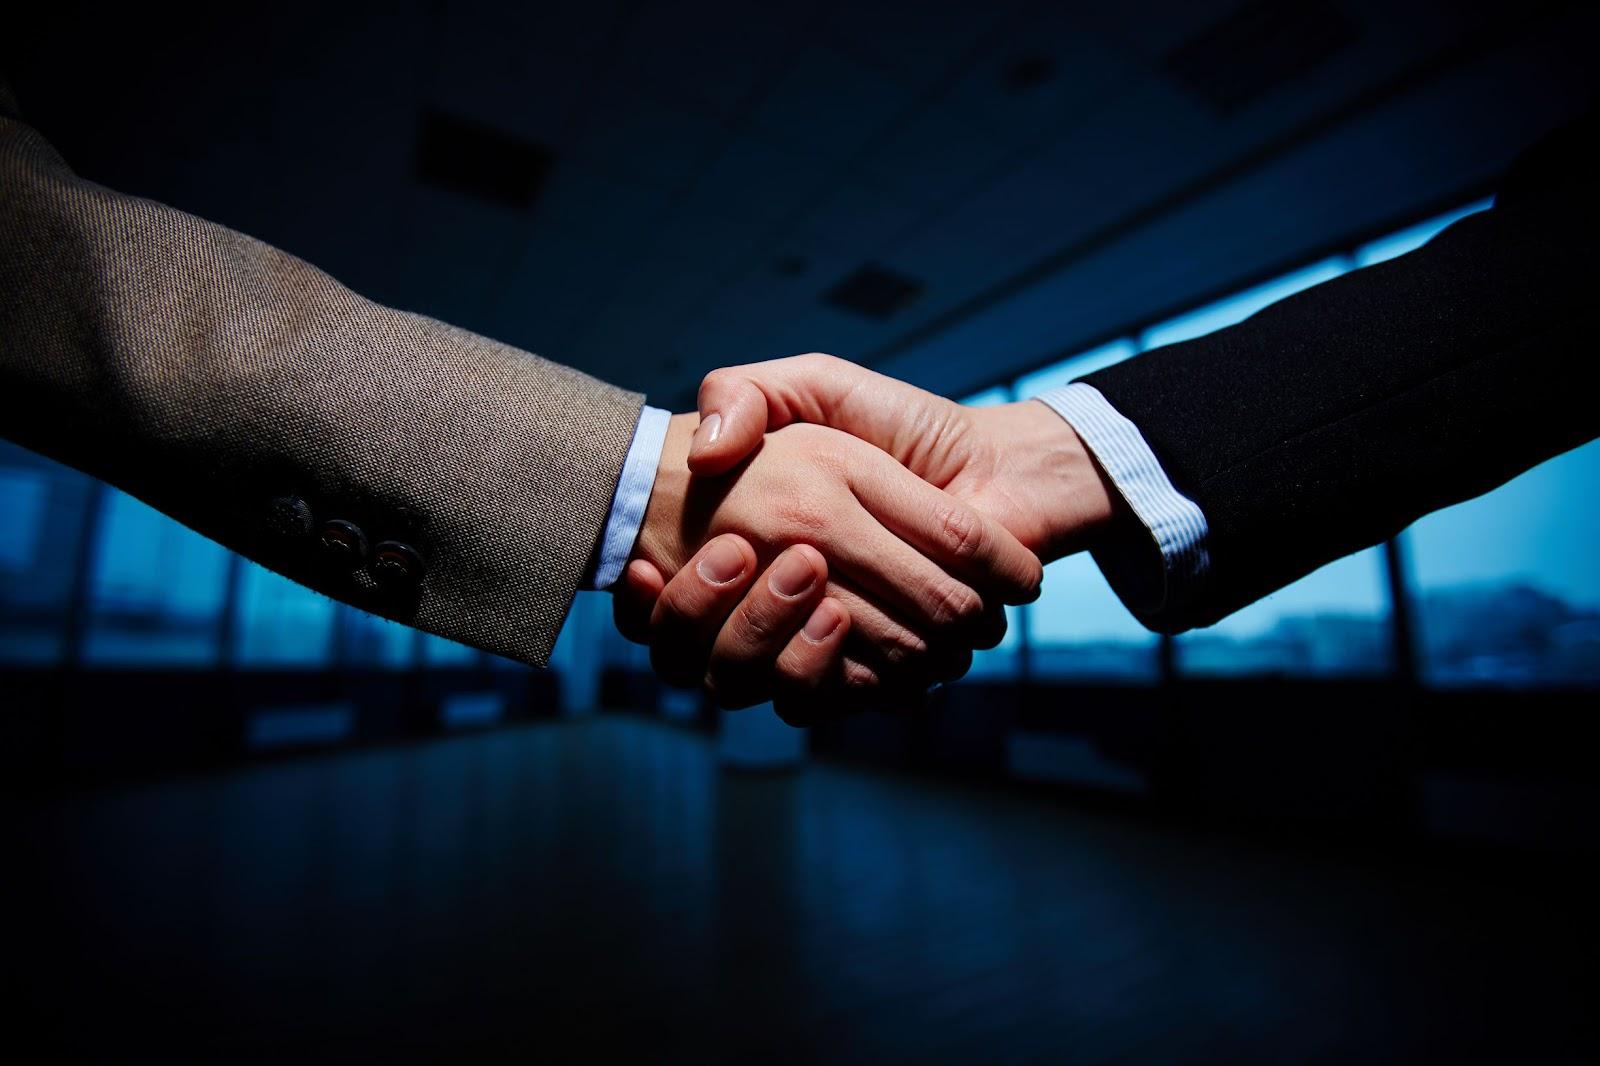 Foto de uma mão masculina apertando uma mão feminina. É possível identificar traje de negócios nos dois braços, representando, assim, a importância da confiança e do conhecimento sobre o que significa backup.